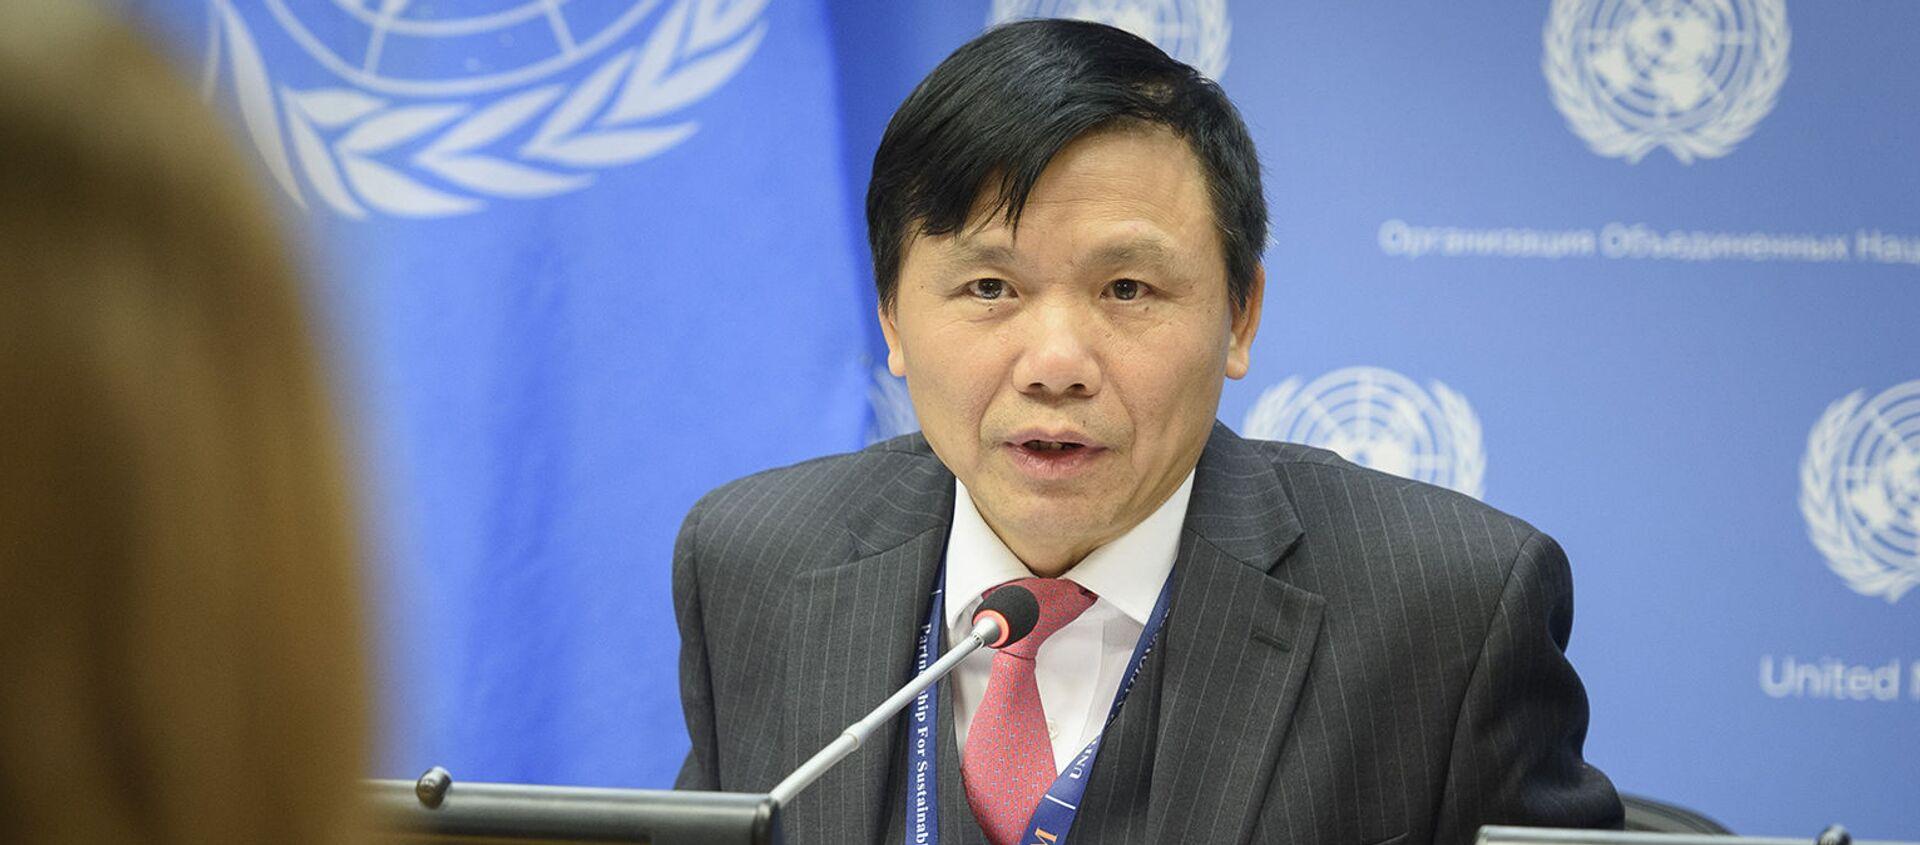 Đại sứ Đặng Đình Quý  - Sputnik Việt Nam, 1920, 25.08.2021